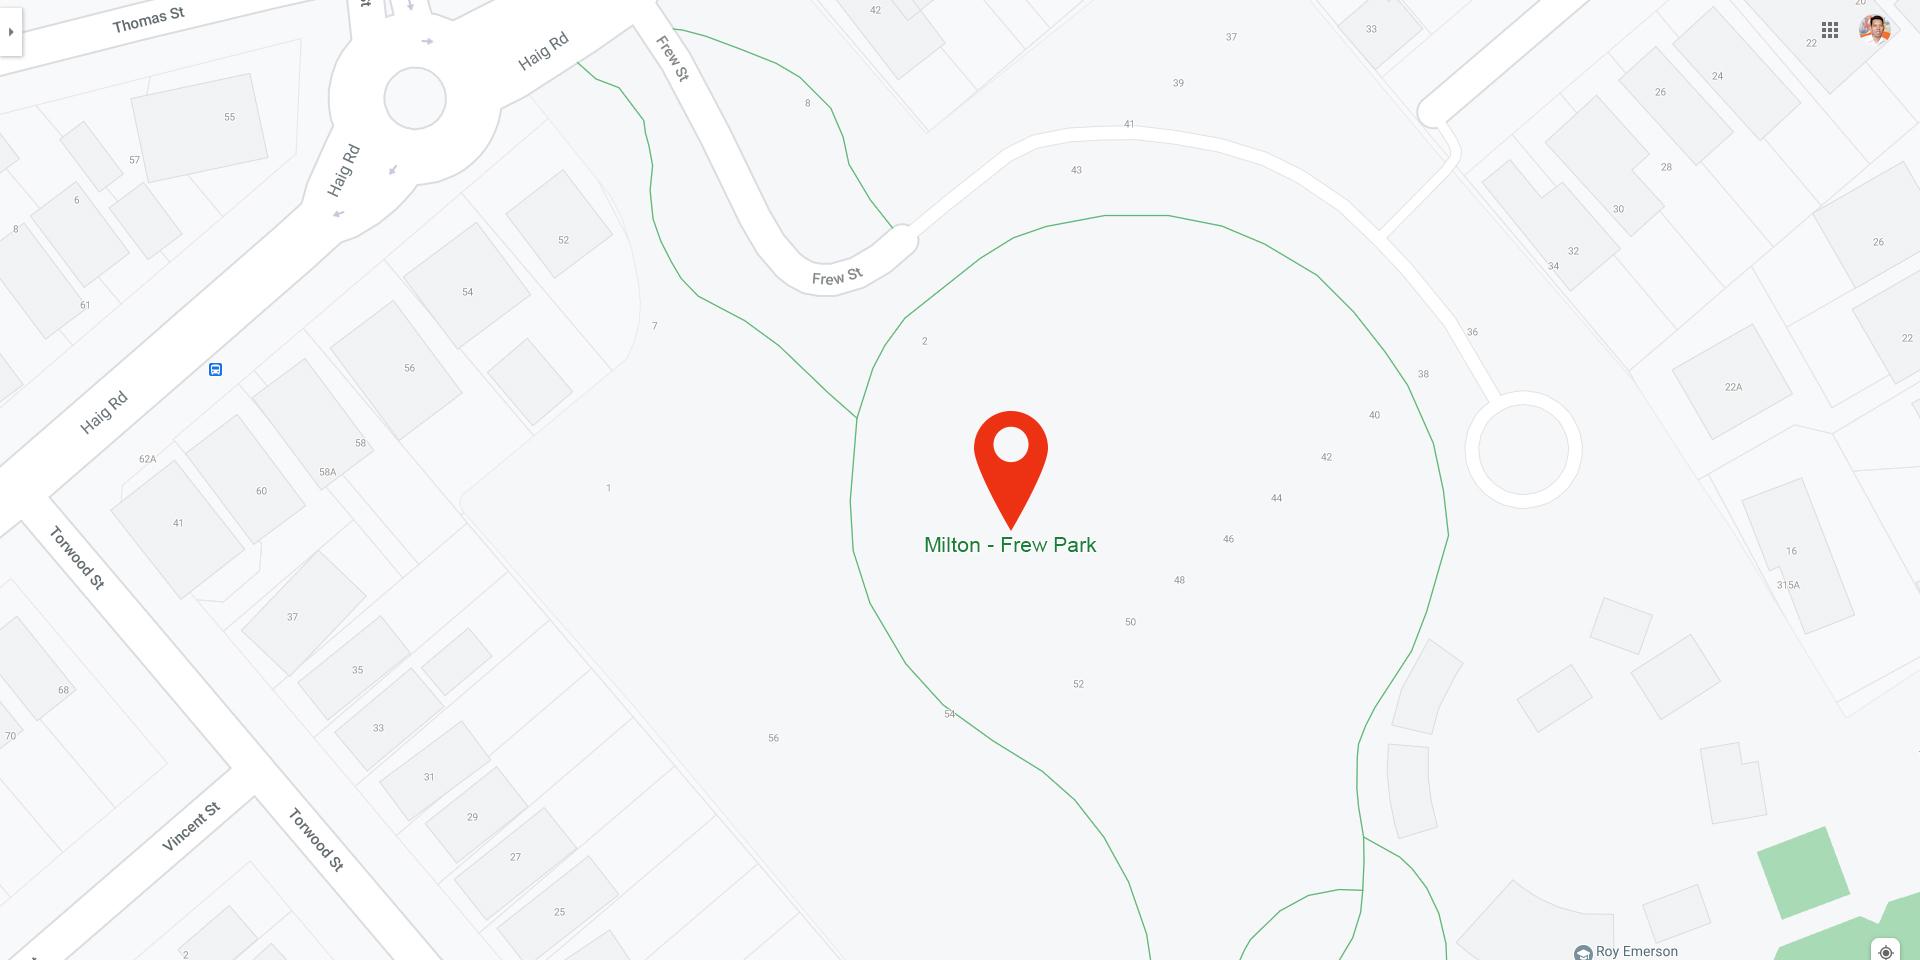 Milton - Frew Park